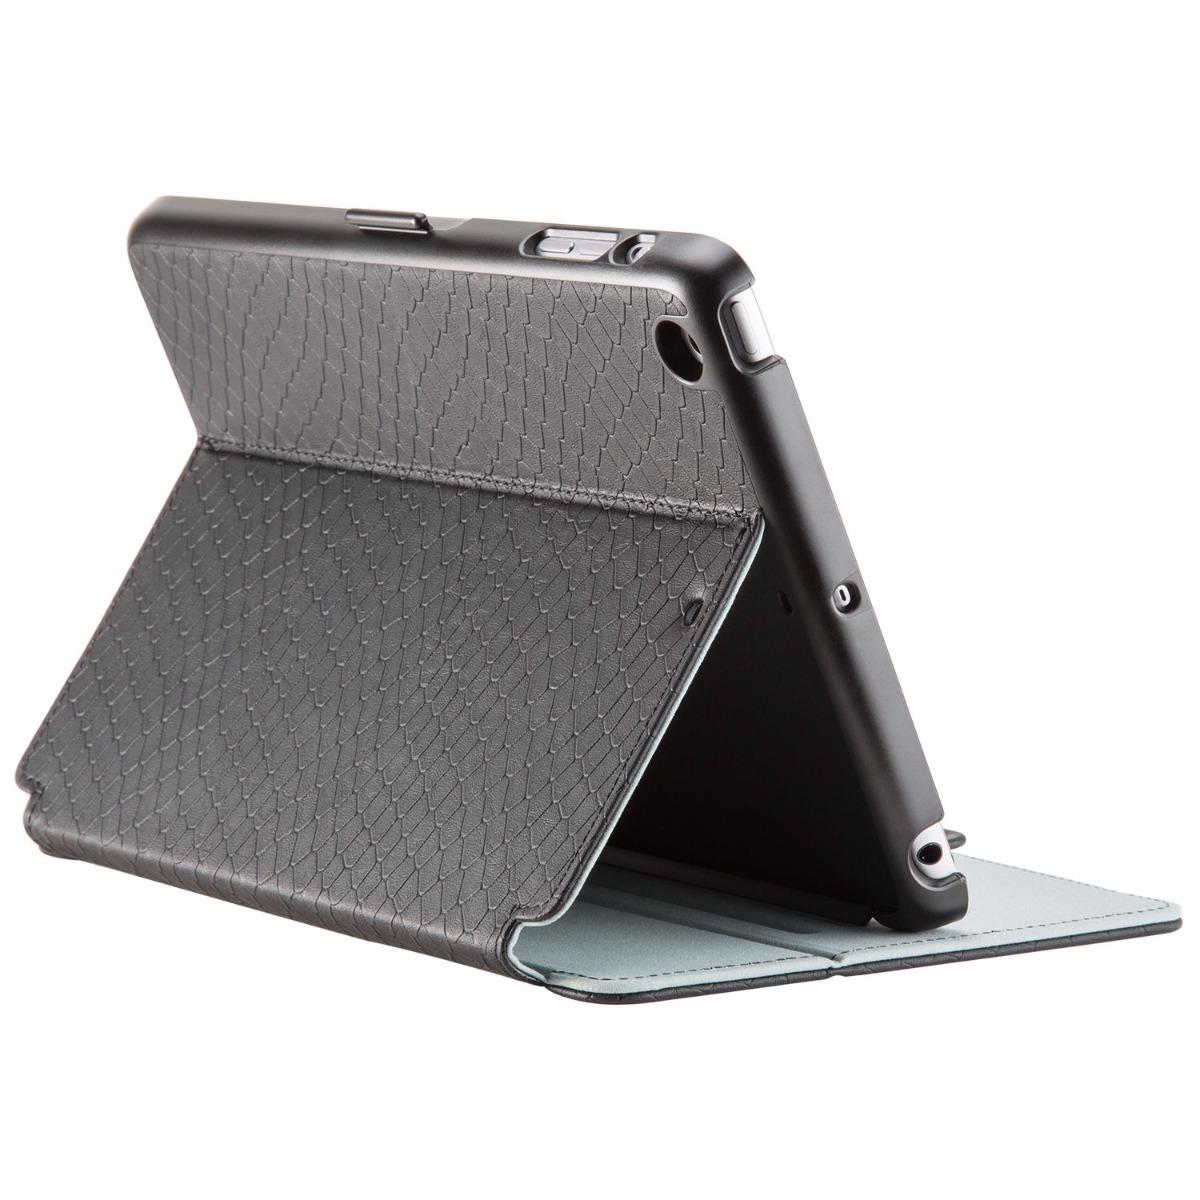 6e2e393a126 iPad Mini 2 3 Funda, Case Textura Madera - $ 399.00 en Mercado Libre